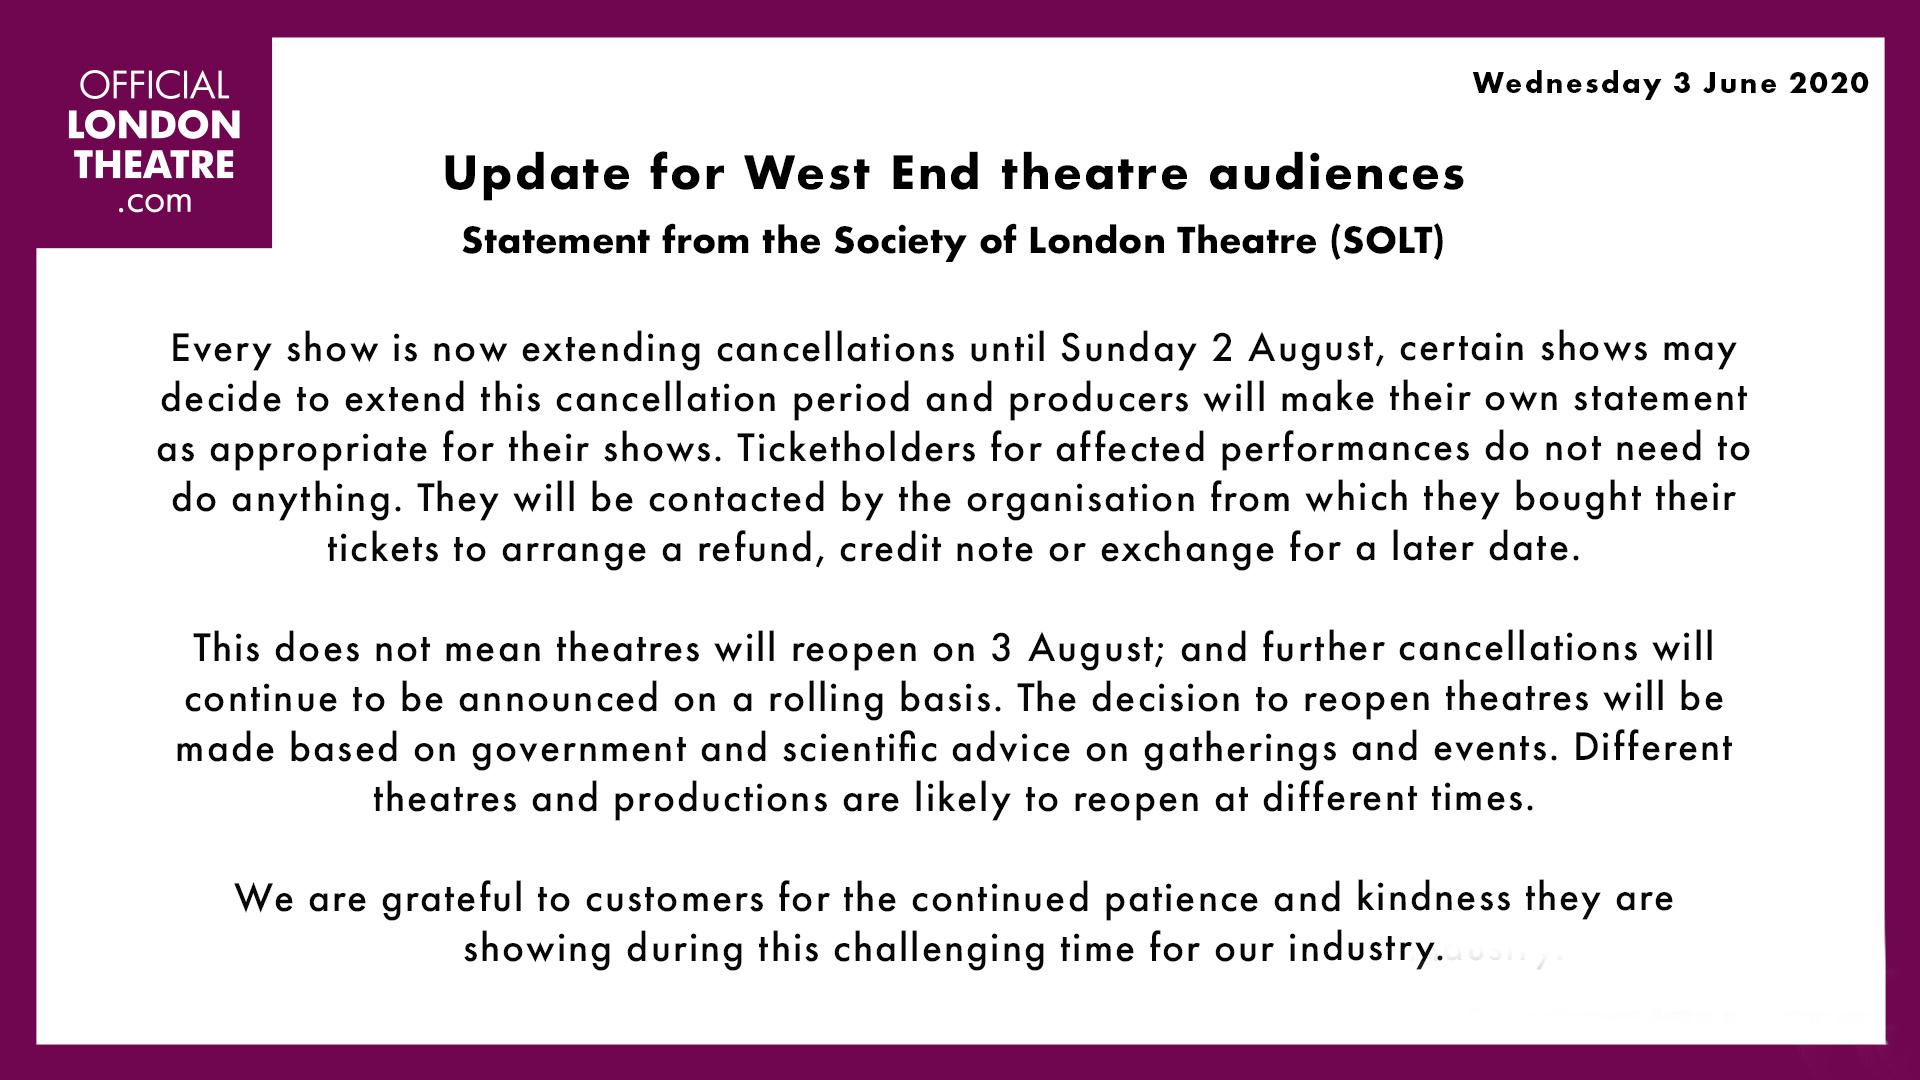 联博统计:伦敦西区延至8月营业 《了不起的盖茨比》待重启